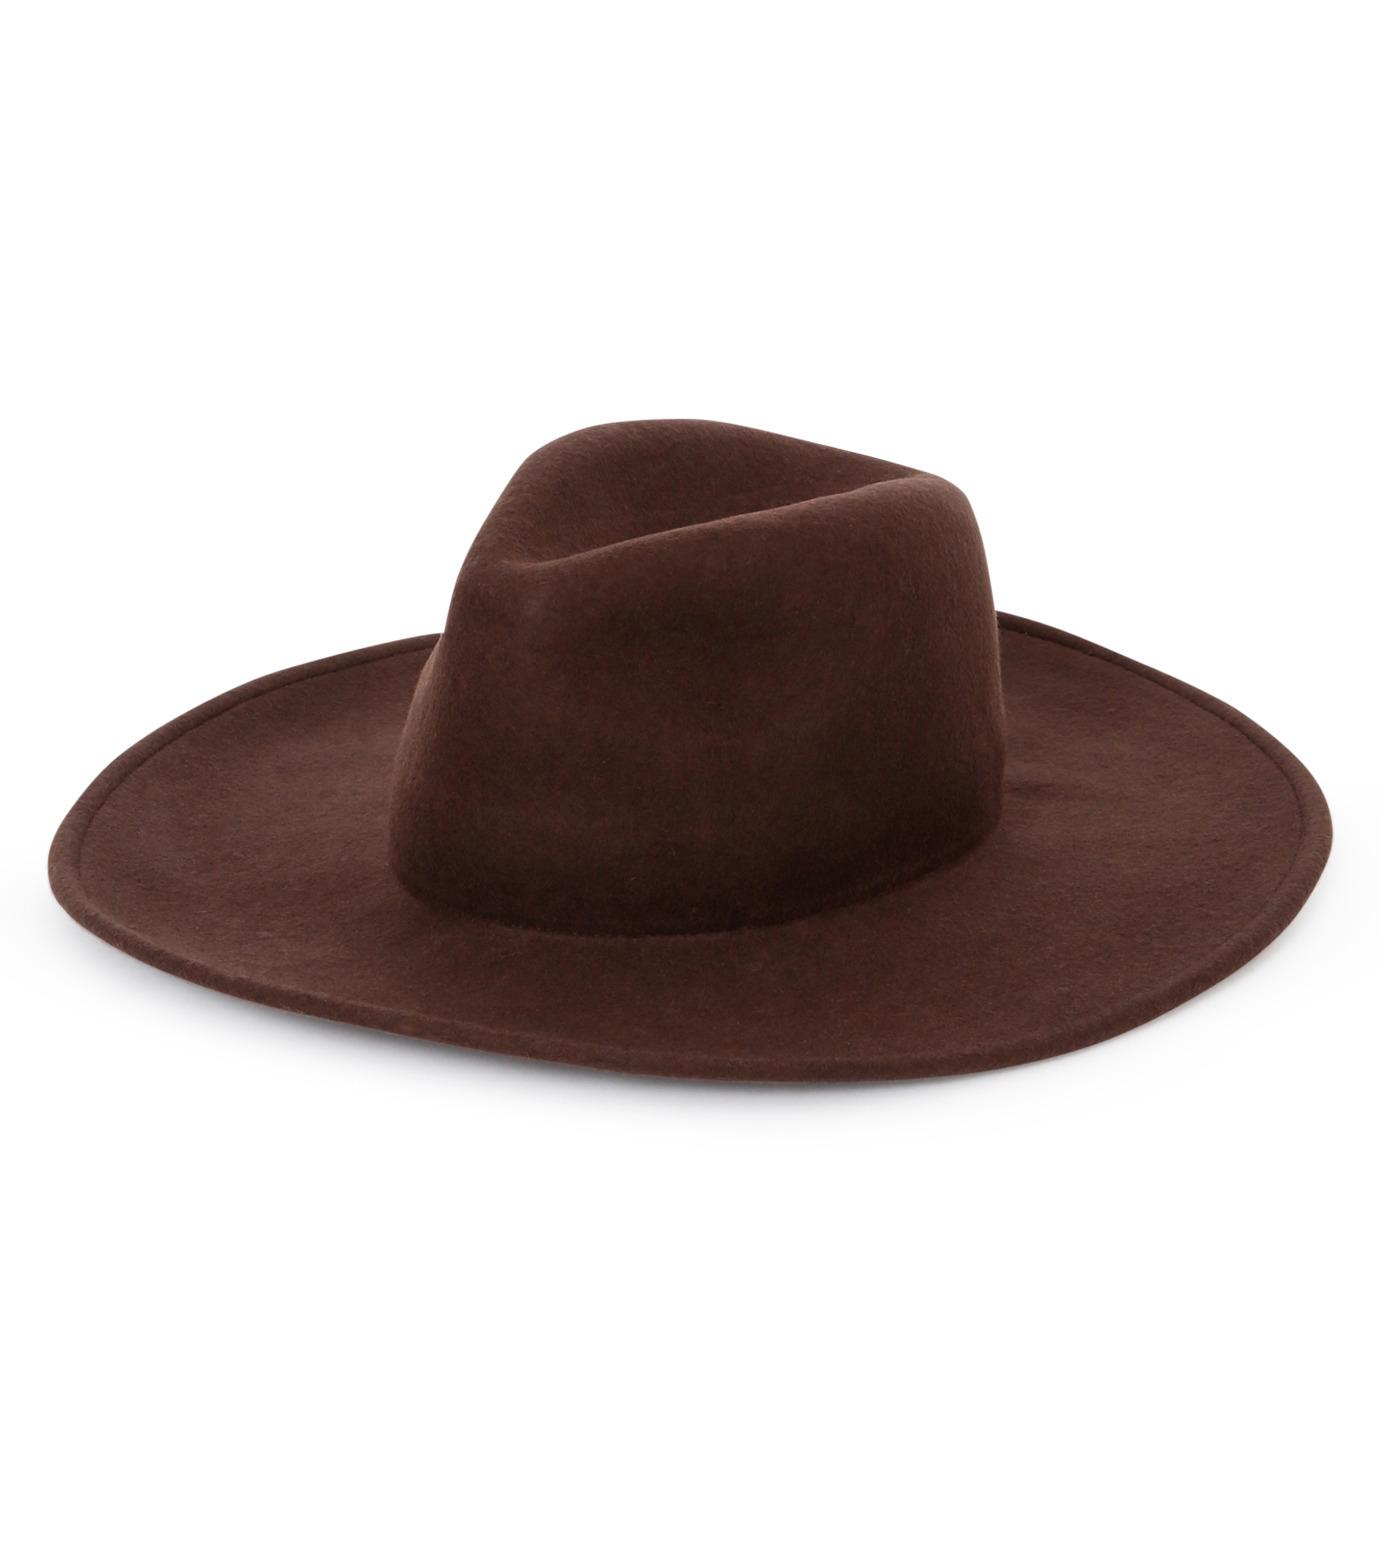 Casselini(キャセリーニ)のWool Hat-BROWN(キャップ/cap)-27-0991-42 拡大詳細画像1